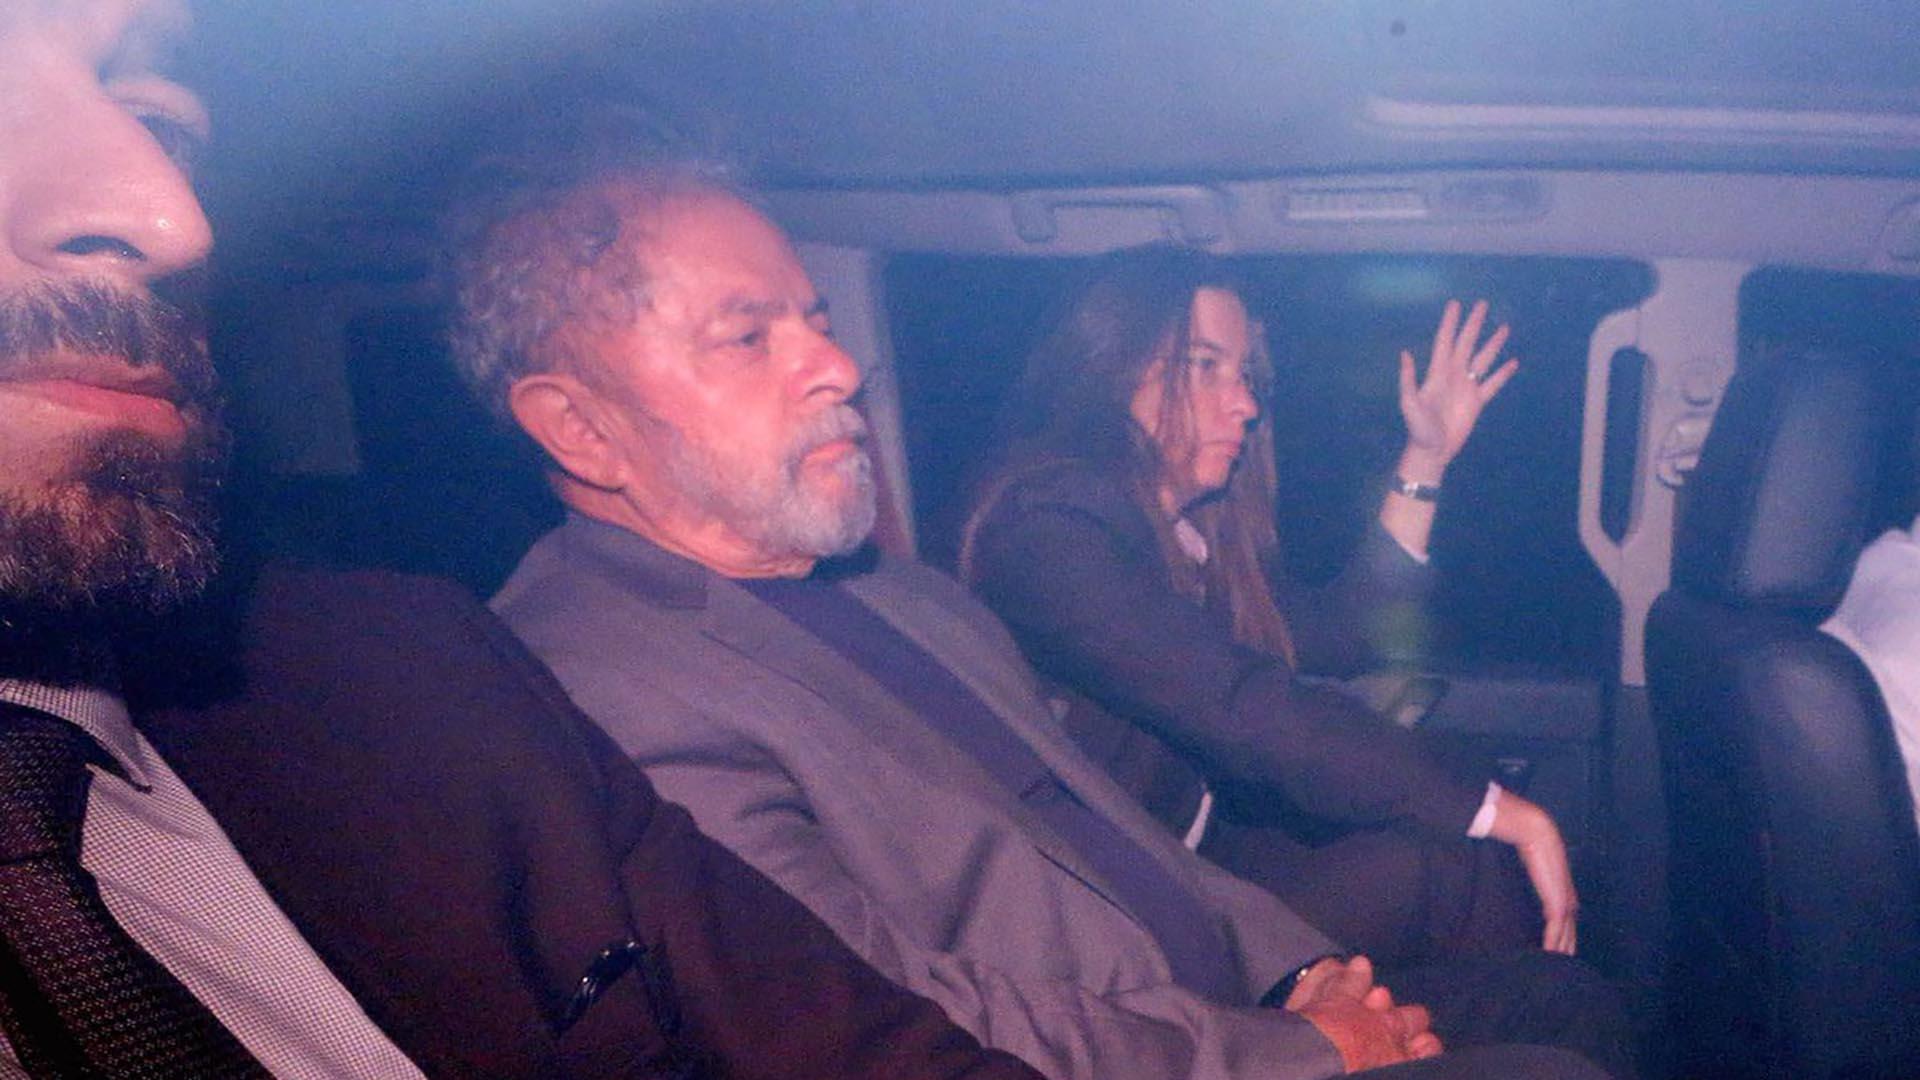 7 de abril de 2018. Tras dos días de resistencia en el sindicato donde comenzó su carrera política, Lula se entregó a la Policia Federal para cumplir los doce años de cárcel que le impuso la Justicia por corrupción.